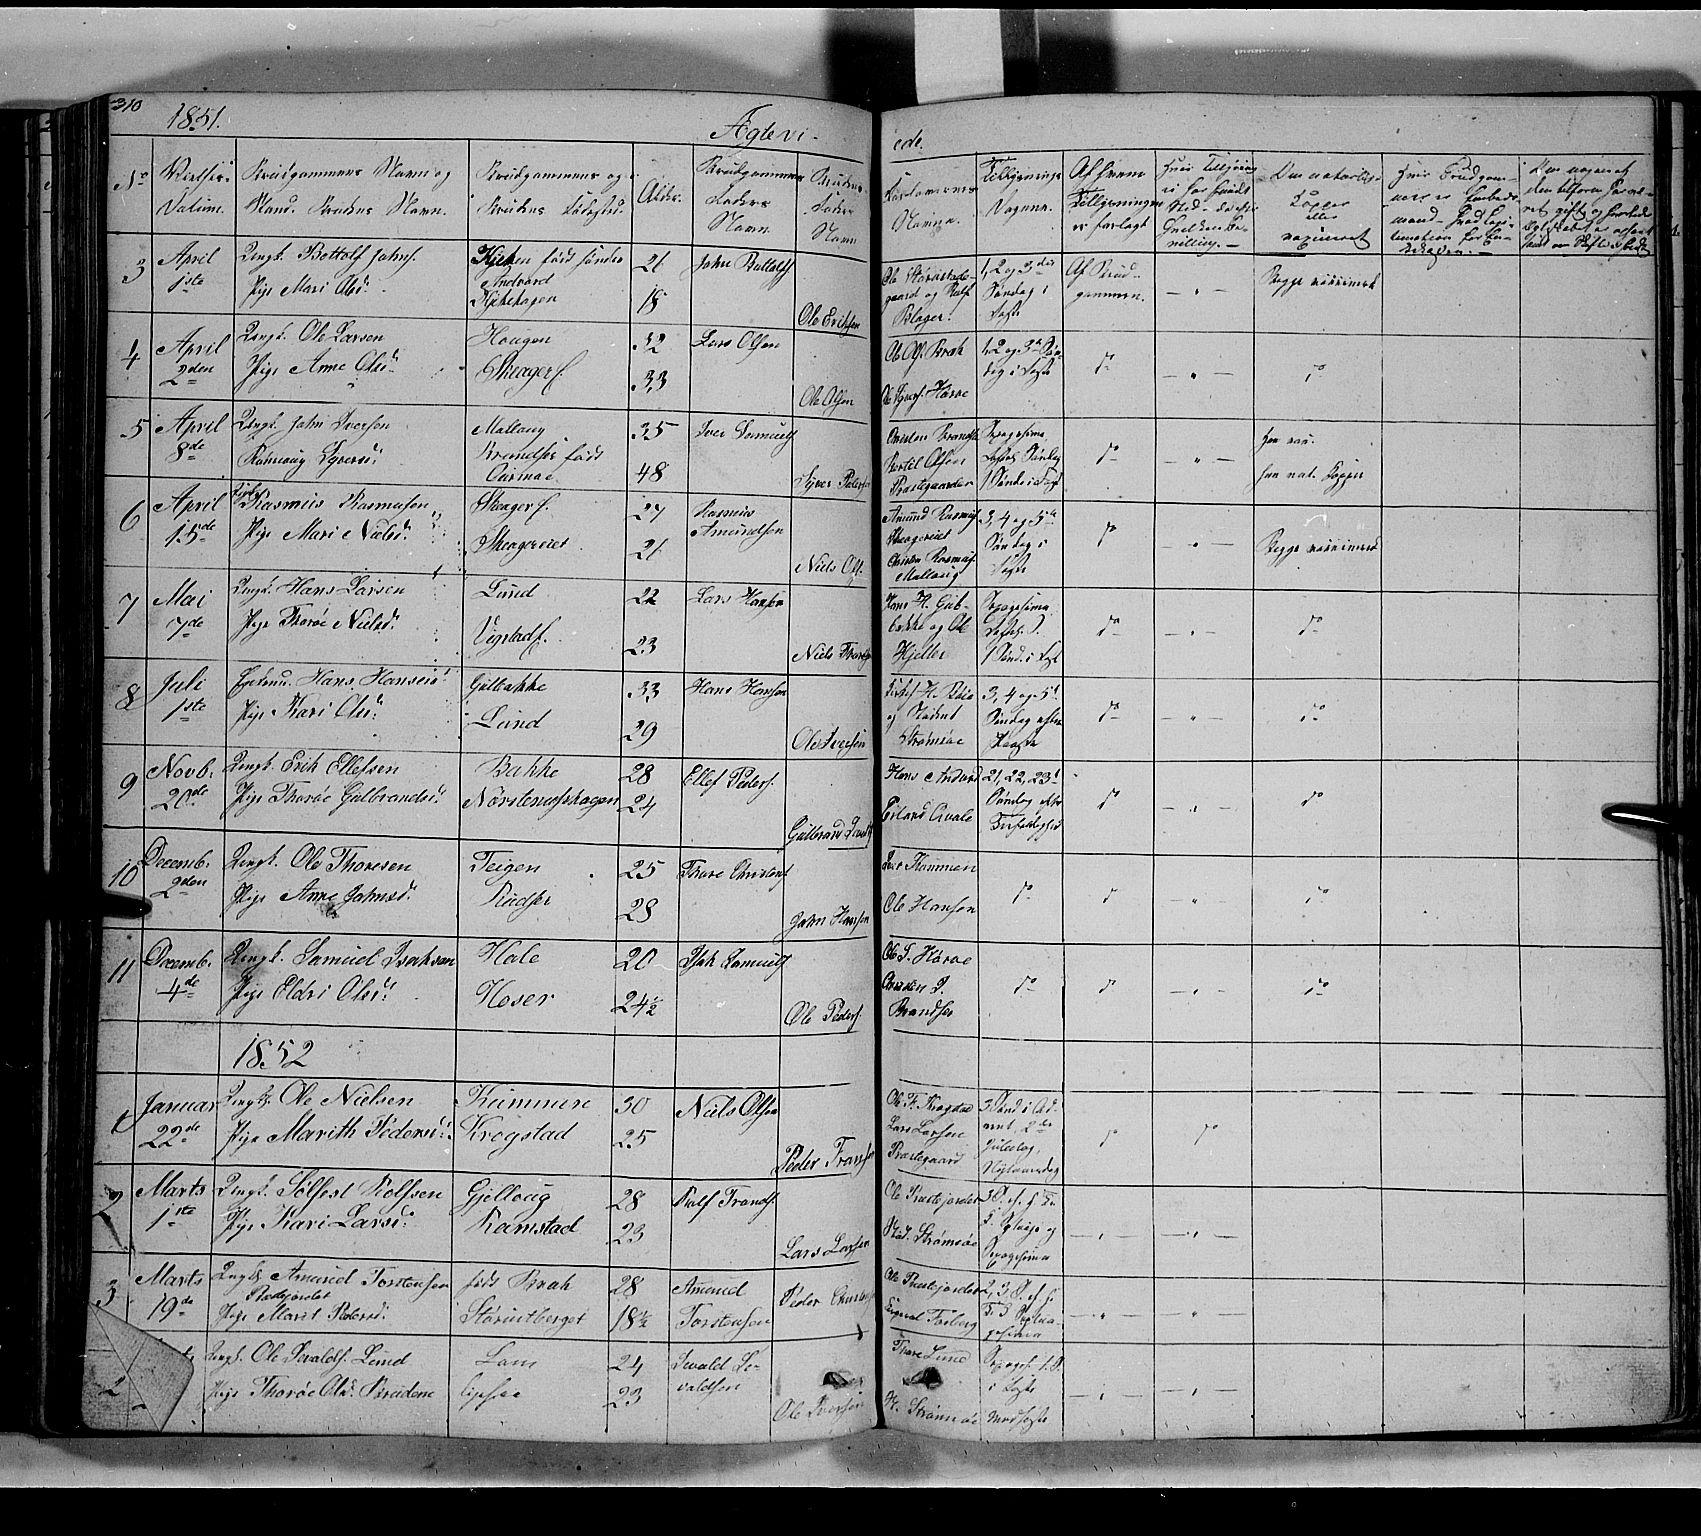 SAH, Lom prestekontor, L/L0004: Klokkerbok nr. 4, 1845-1864, s. 310-311